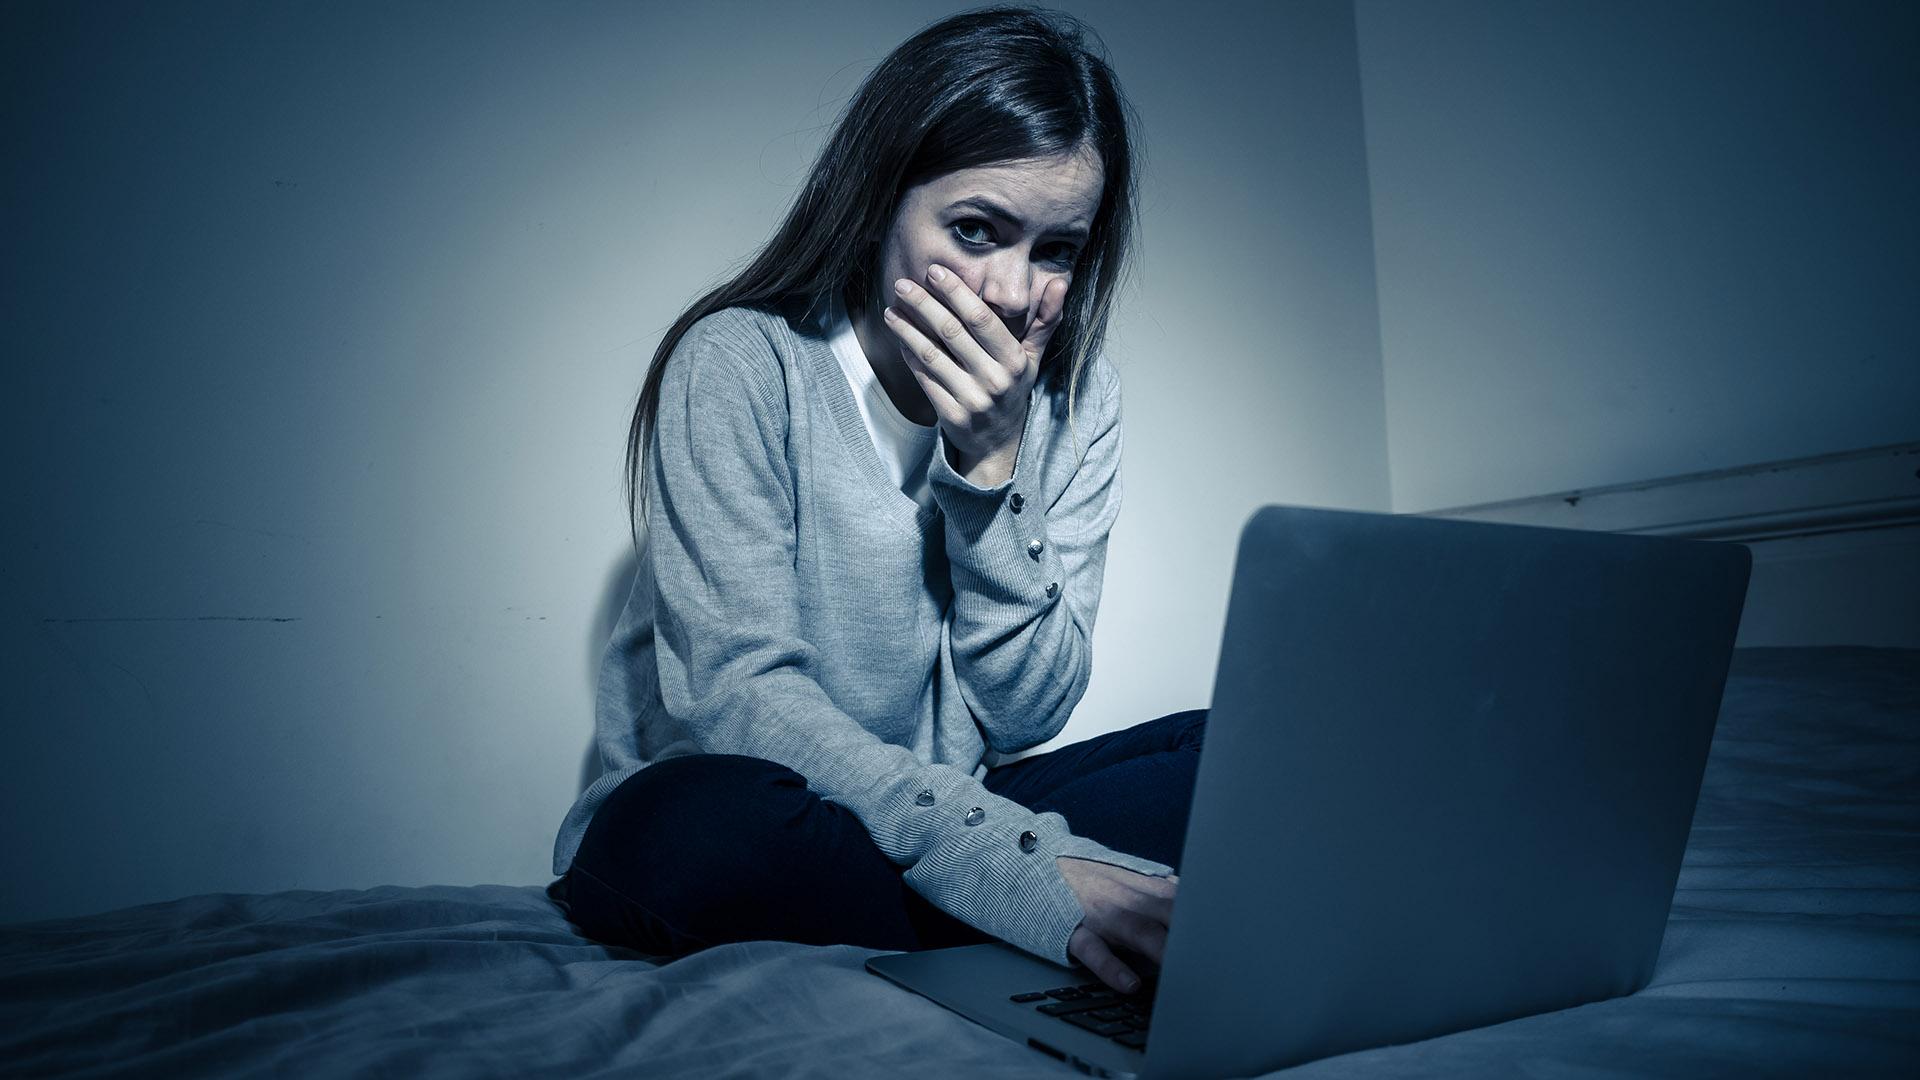 áldozatsegítő központok bántalmazott gyerek digitális eszközhasználat dr. tatár erika érzelmi visszaélés kiskamaszok kríziskezelés online szexuális visszaélés online szexuális zaklatás pszichológus szurovecz kitti trauma